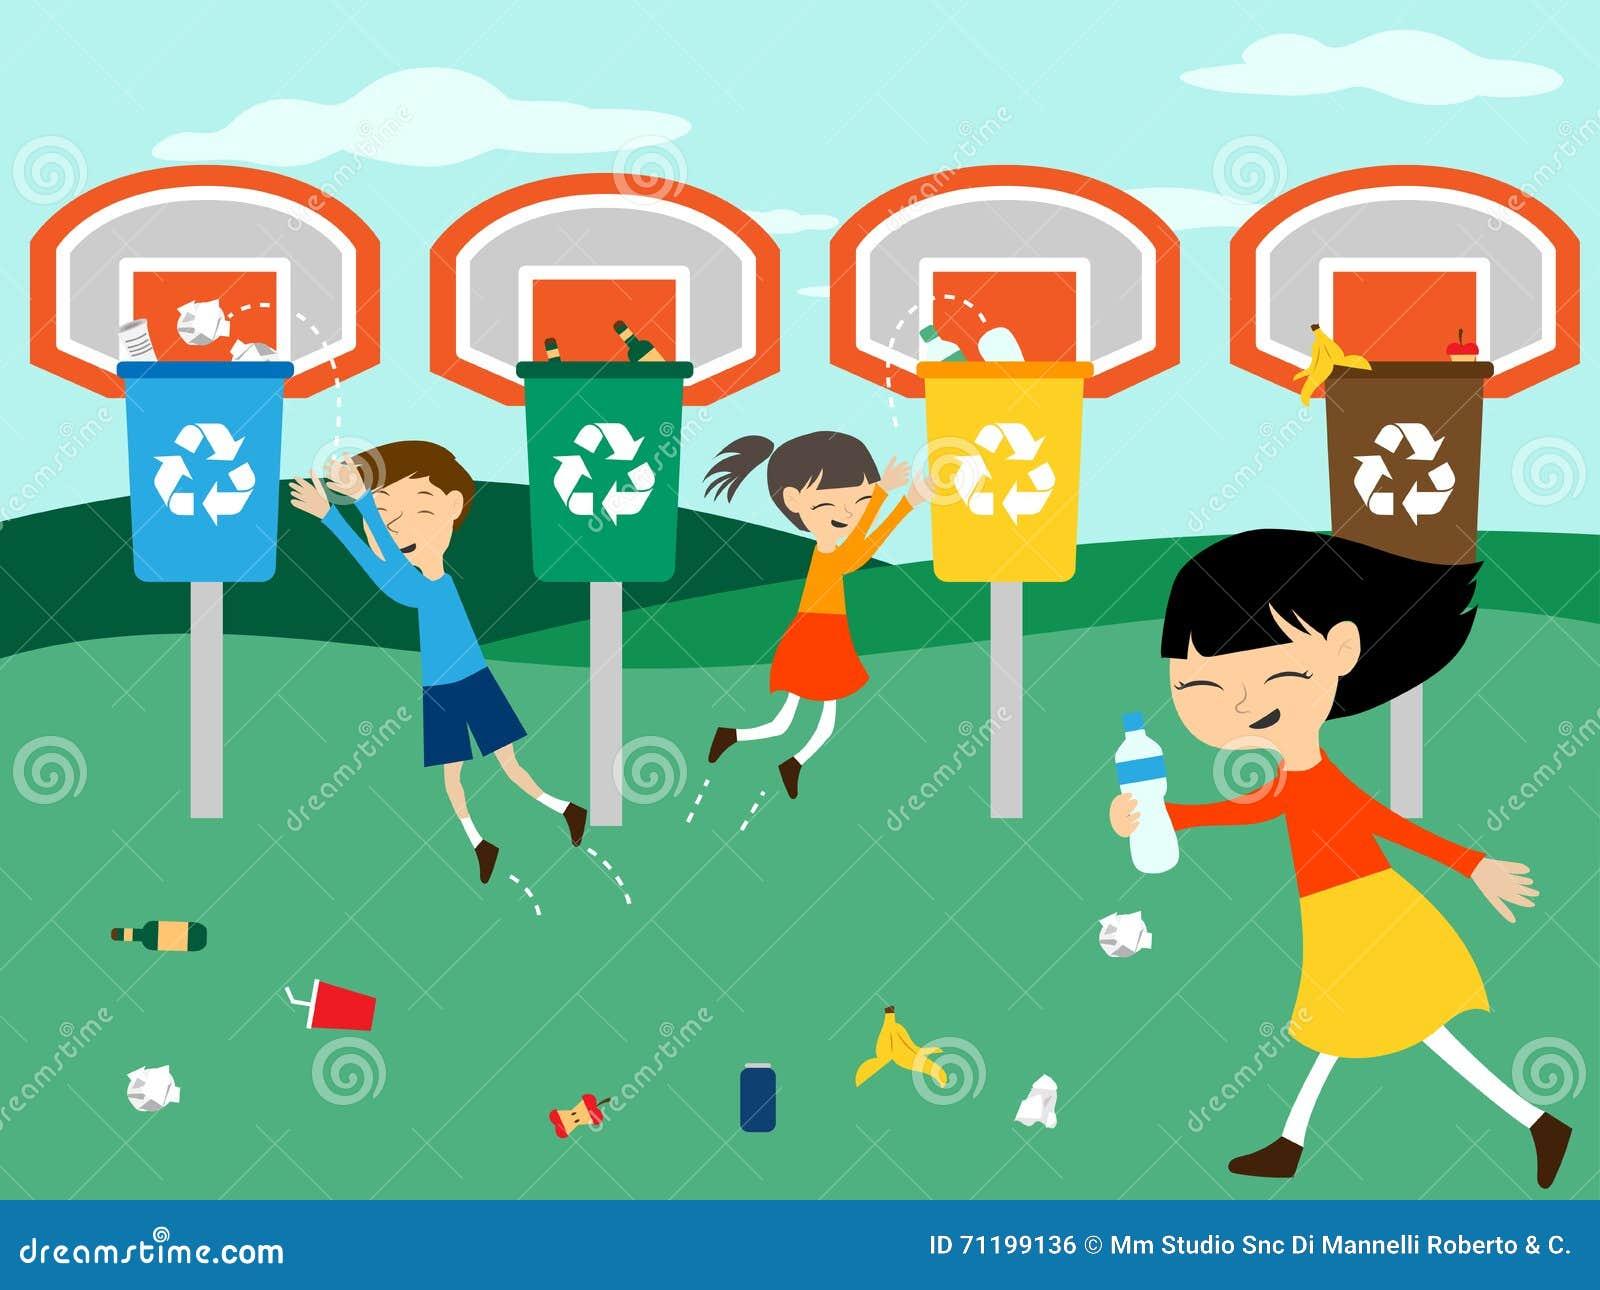 Kinder bereiten das Spielen am Korb mit Wiederverwertungsbehälter-Vektorillustration auf